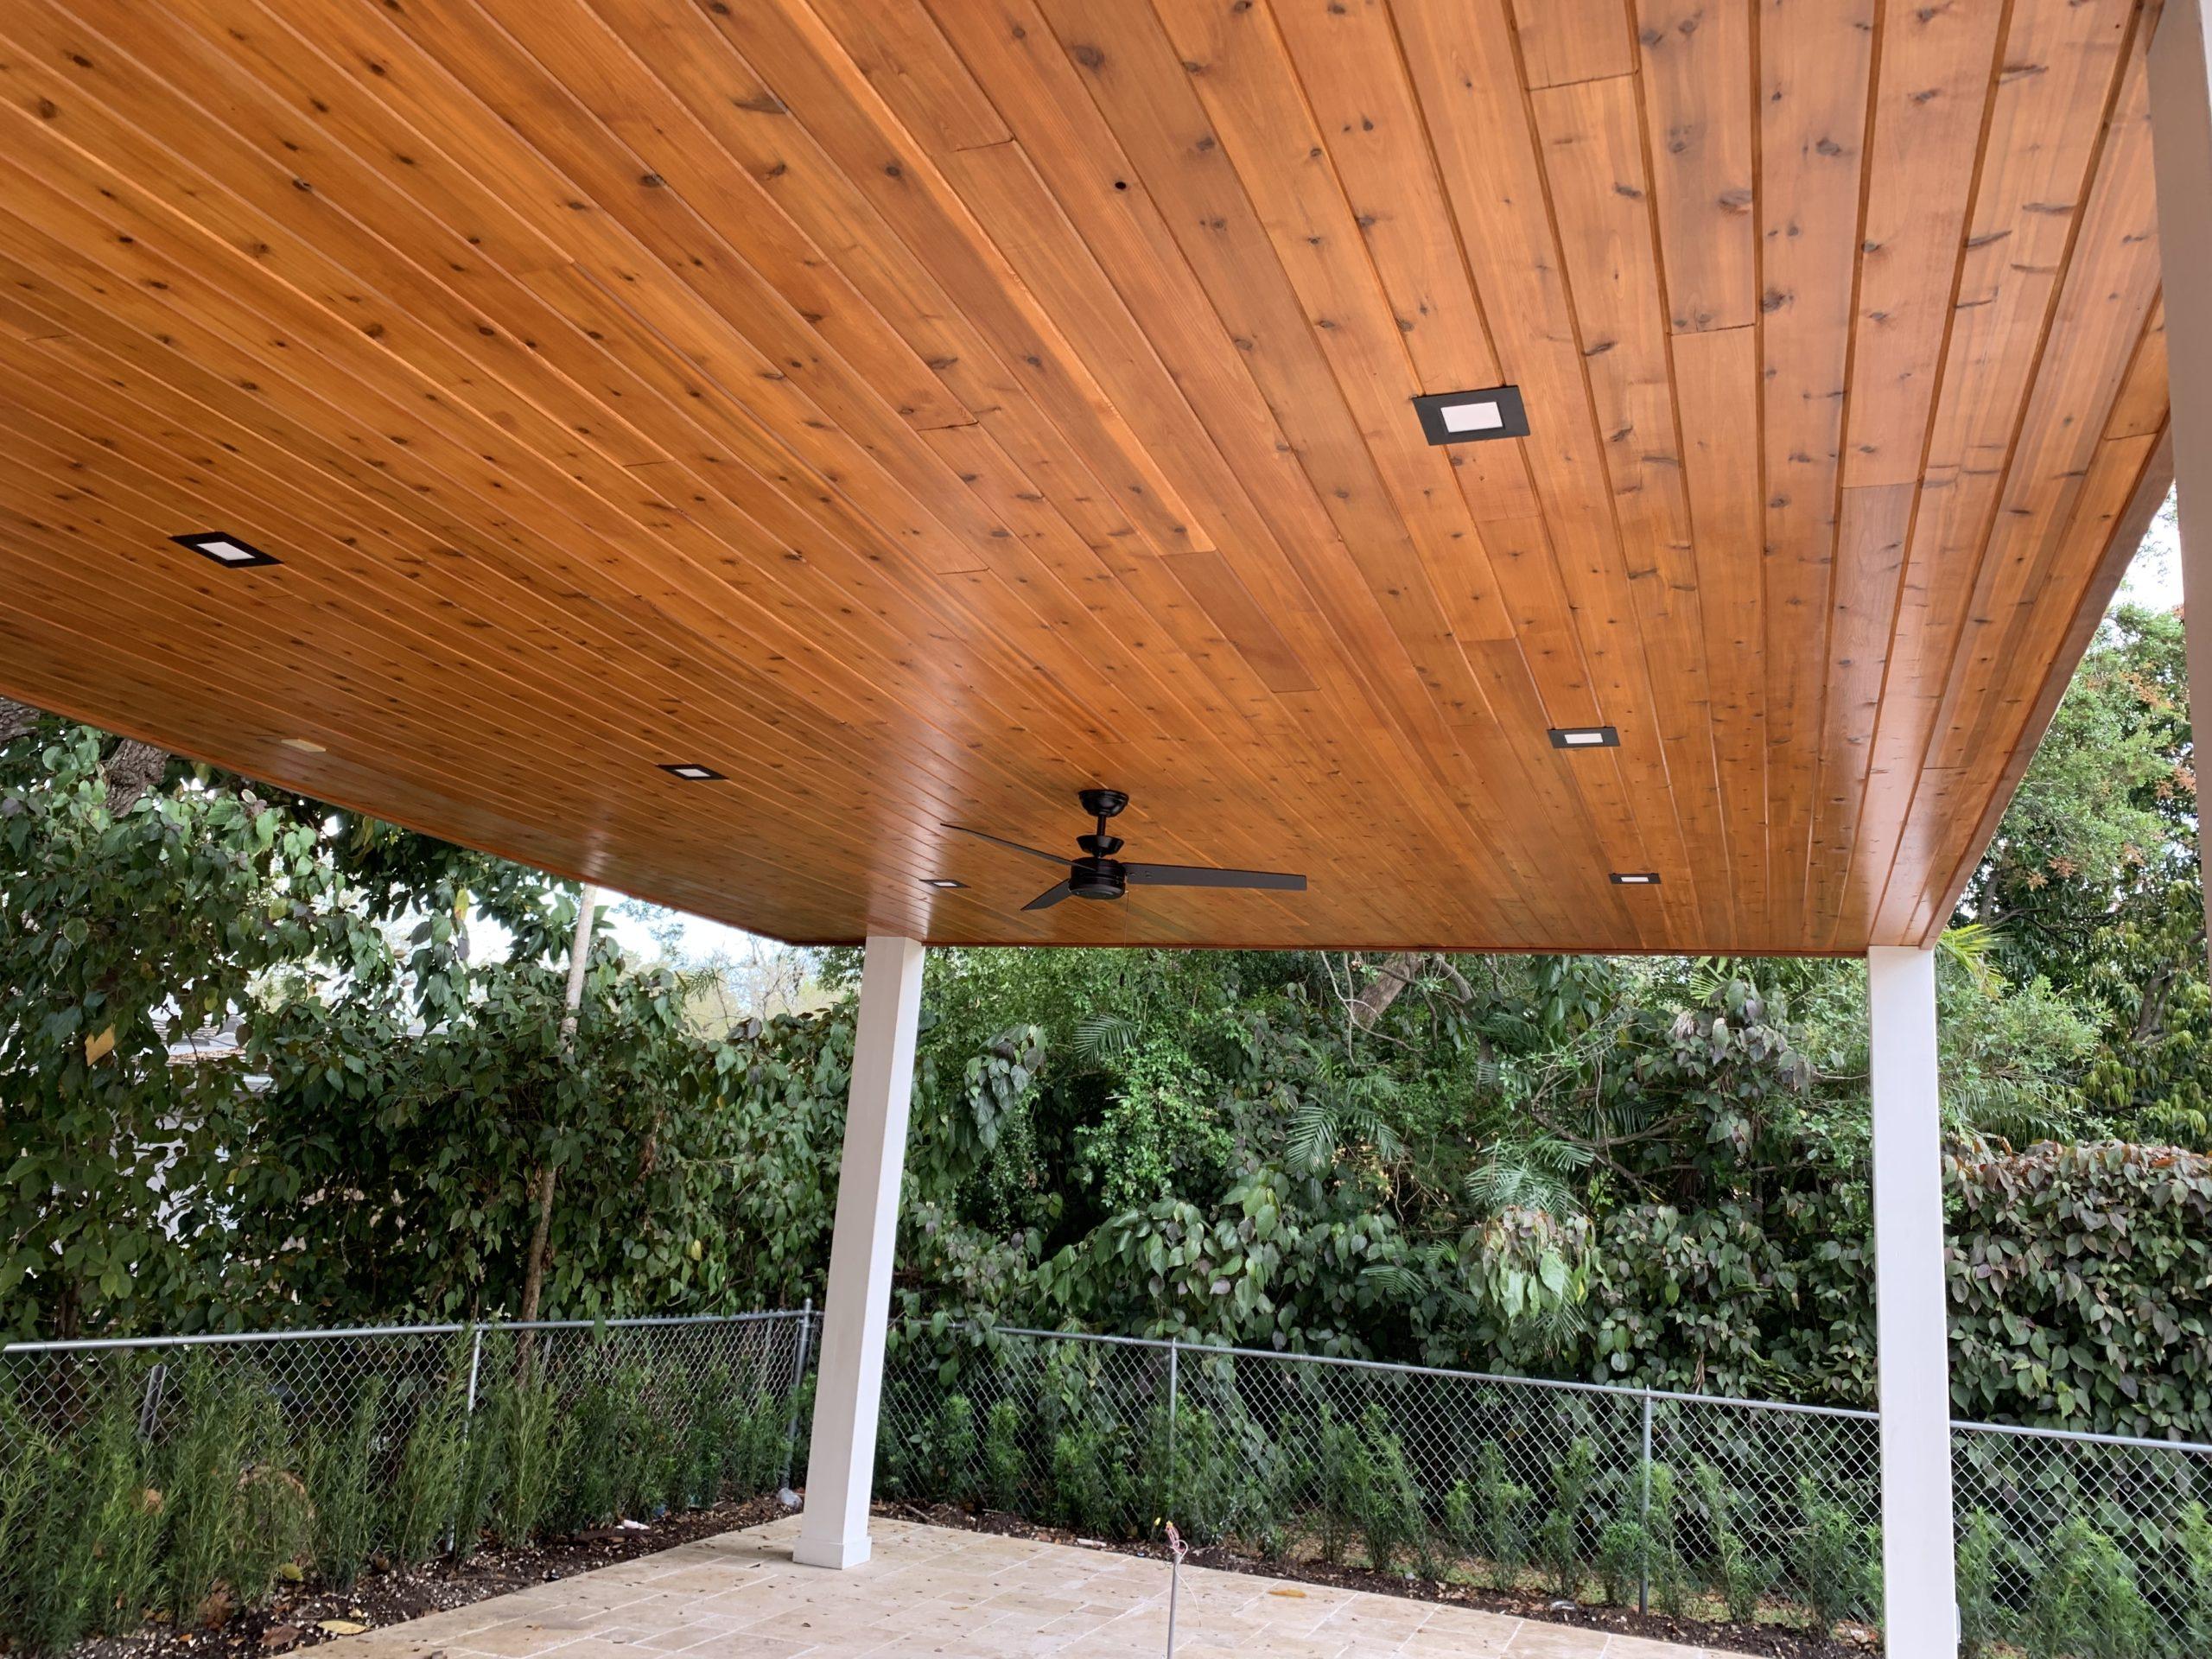 Western Red Cedar Ceiling